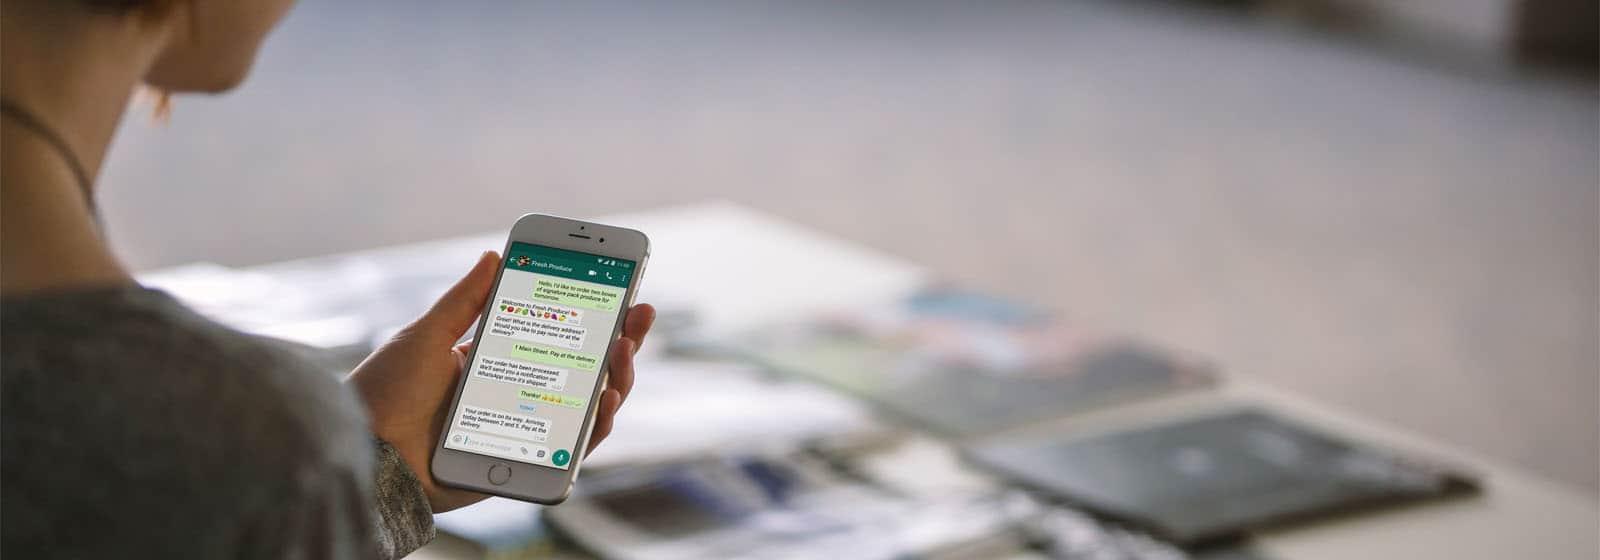 Whatsapp: veja o que mudou com a chegada da API